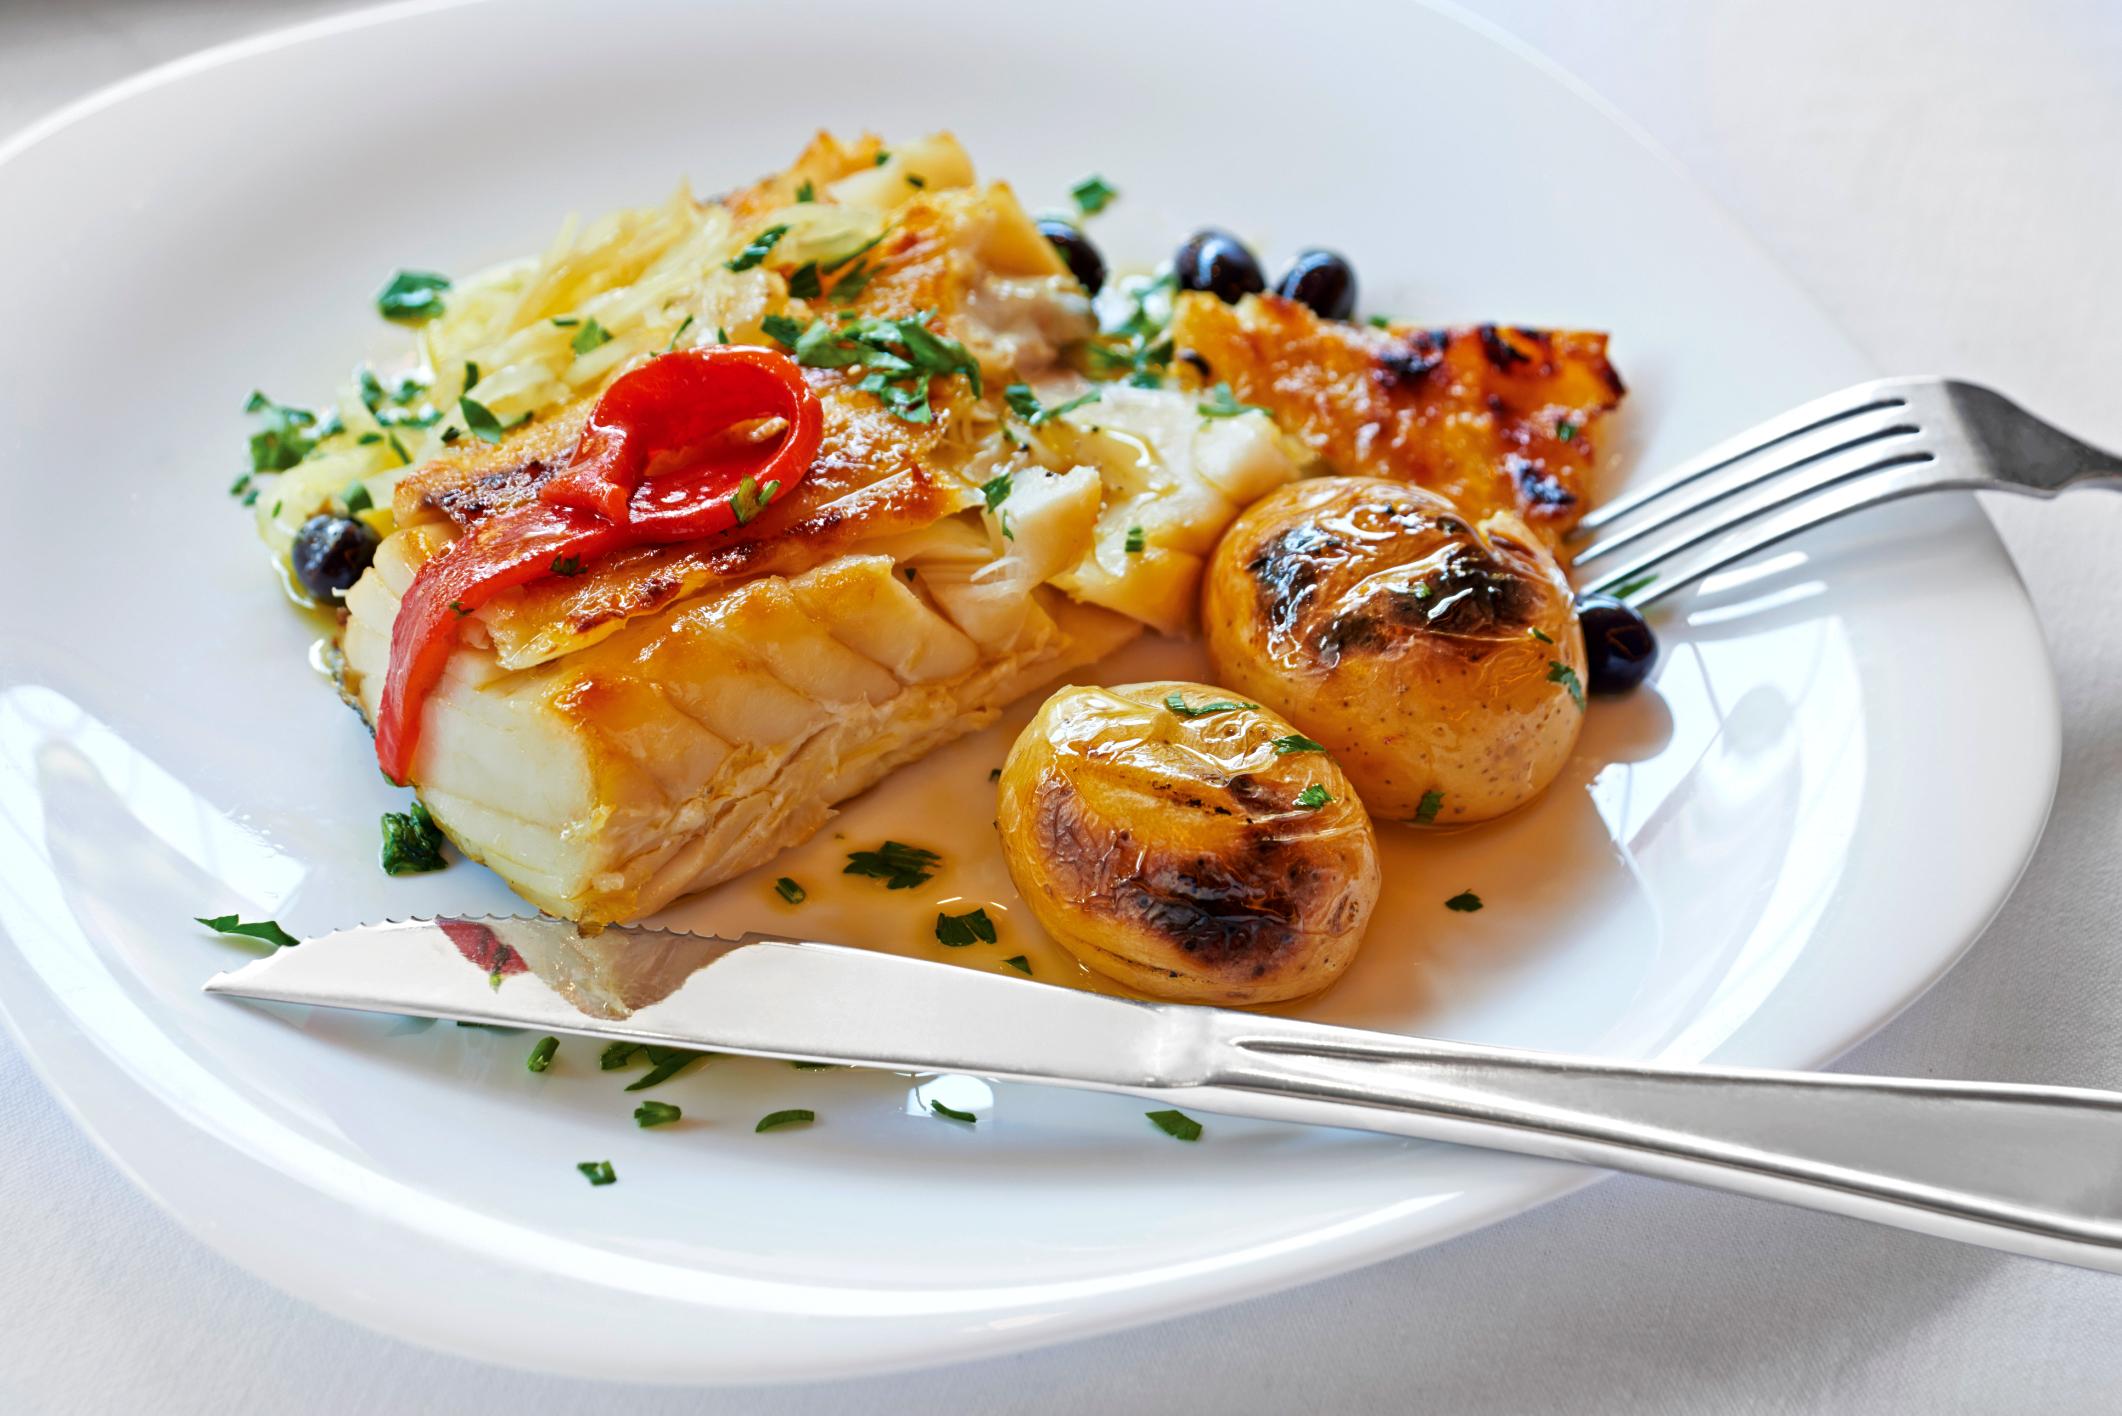 Napi 5000 kalória, hízás nélkül - A viktoriánus diéta az..